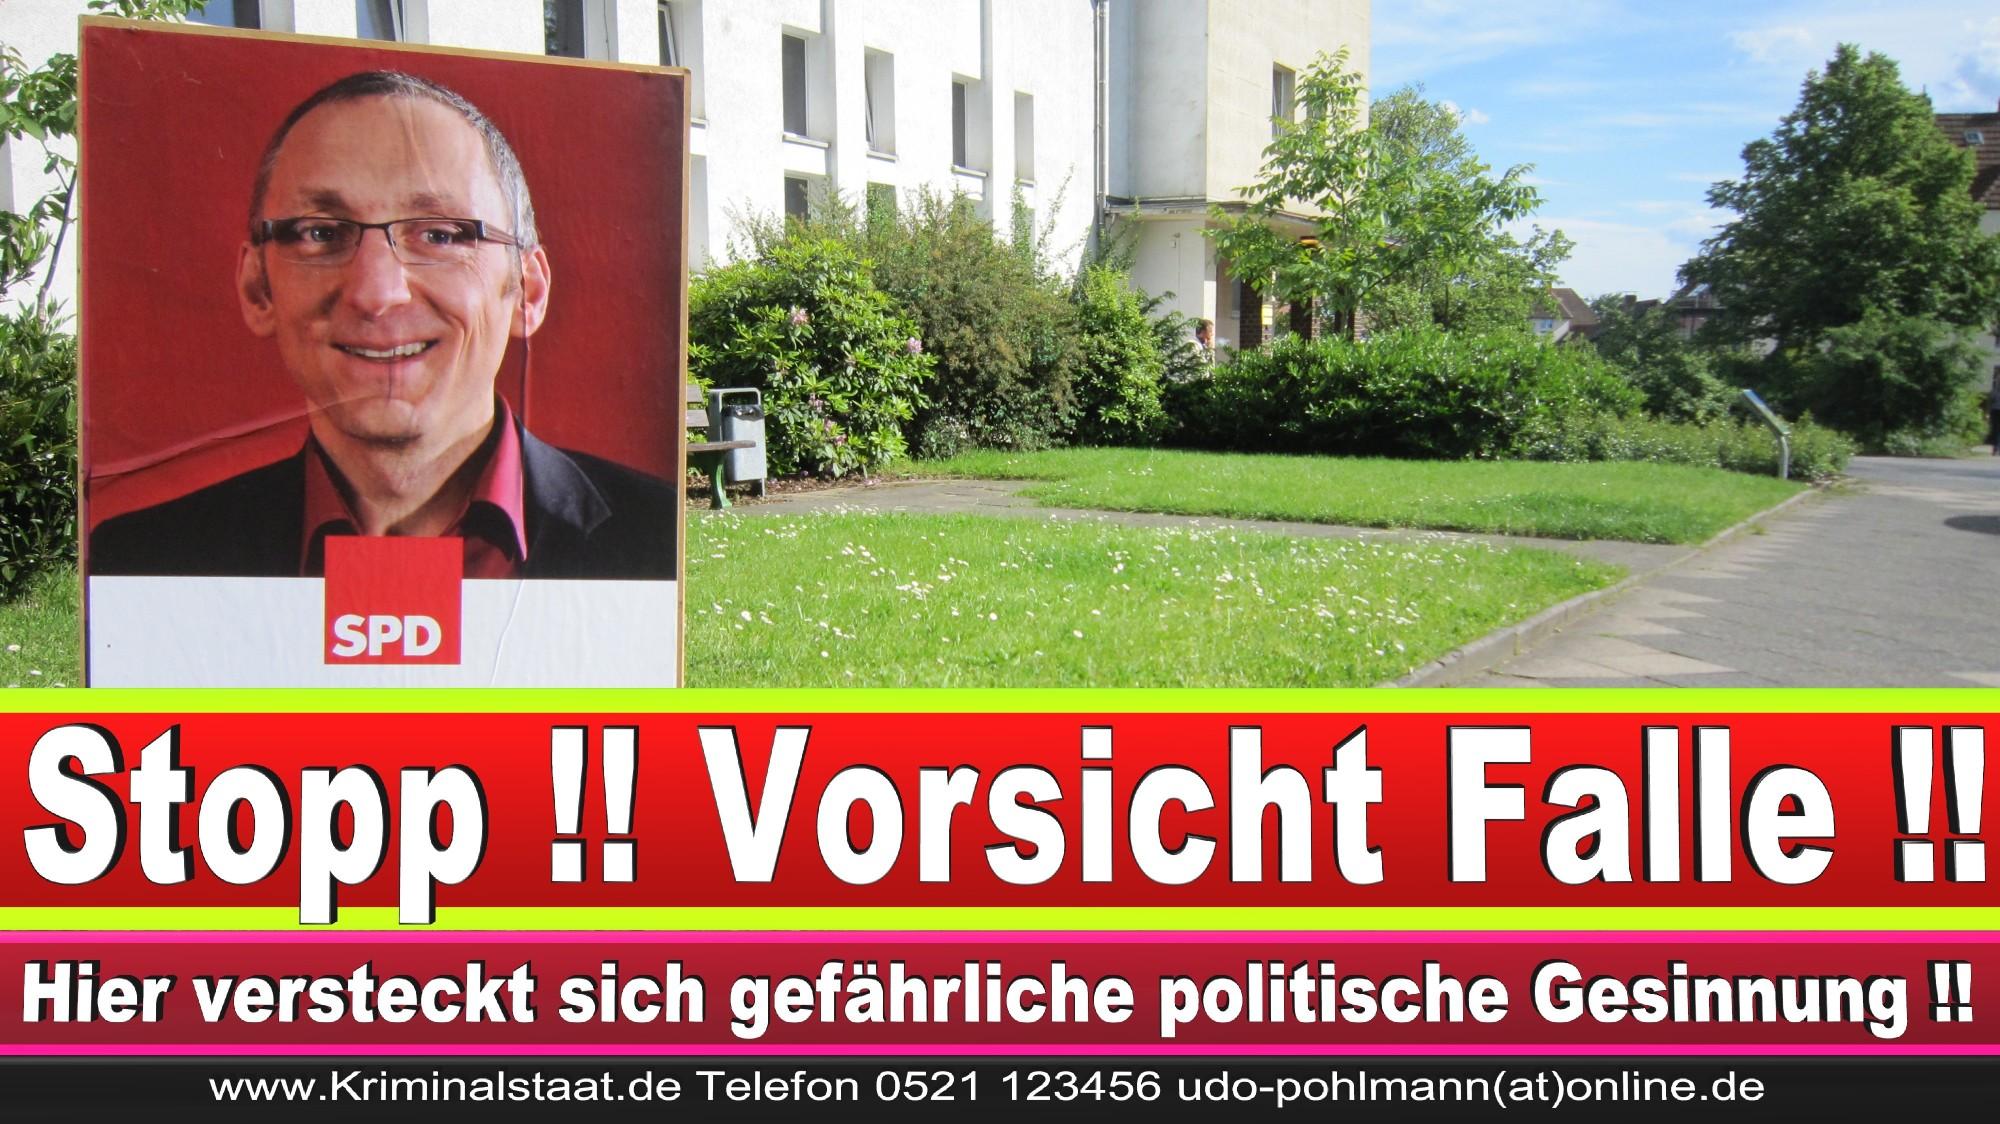 SPD Bielefeld Bürgerberatung Bielefeld Sparrenburg Tierpark Stadthalle Radrennbahn Schüco Arena Ostwestfalendamm Rathaus Ratsmitglieder (3)